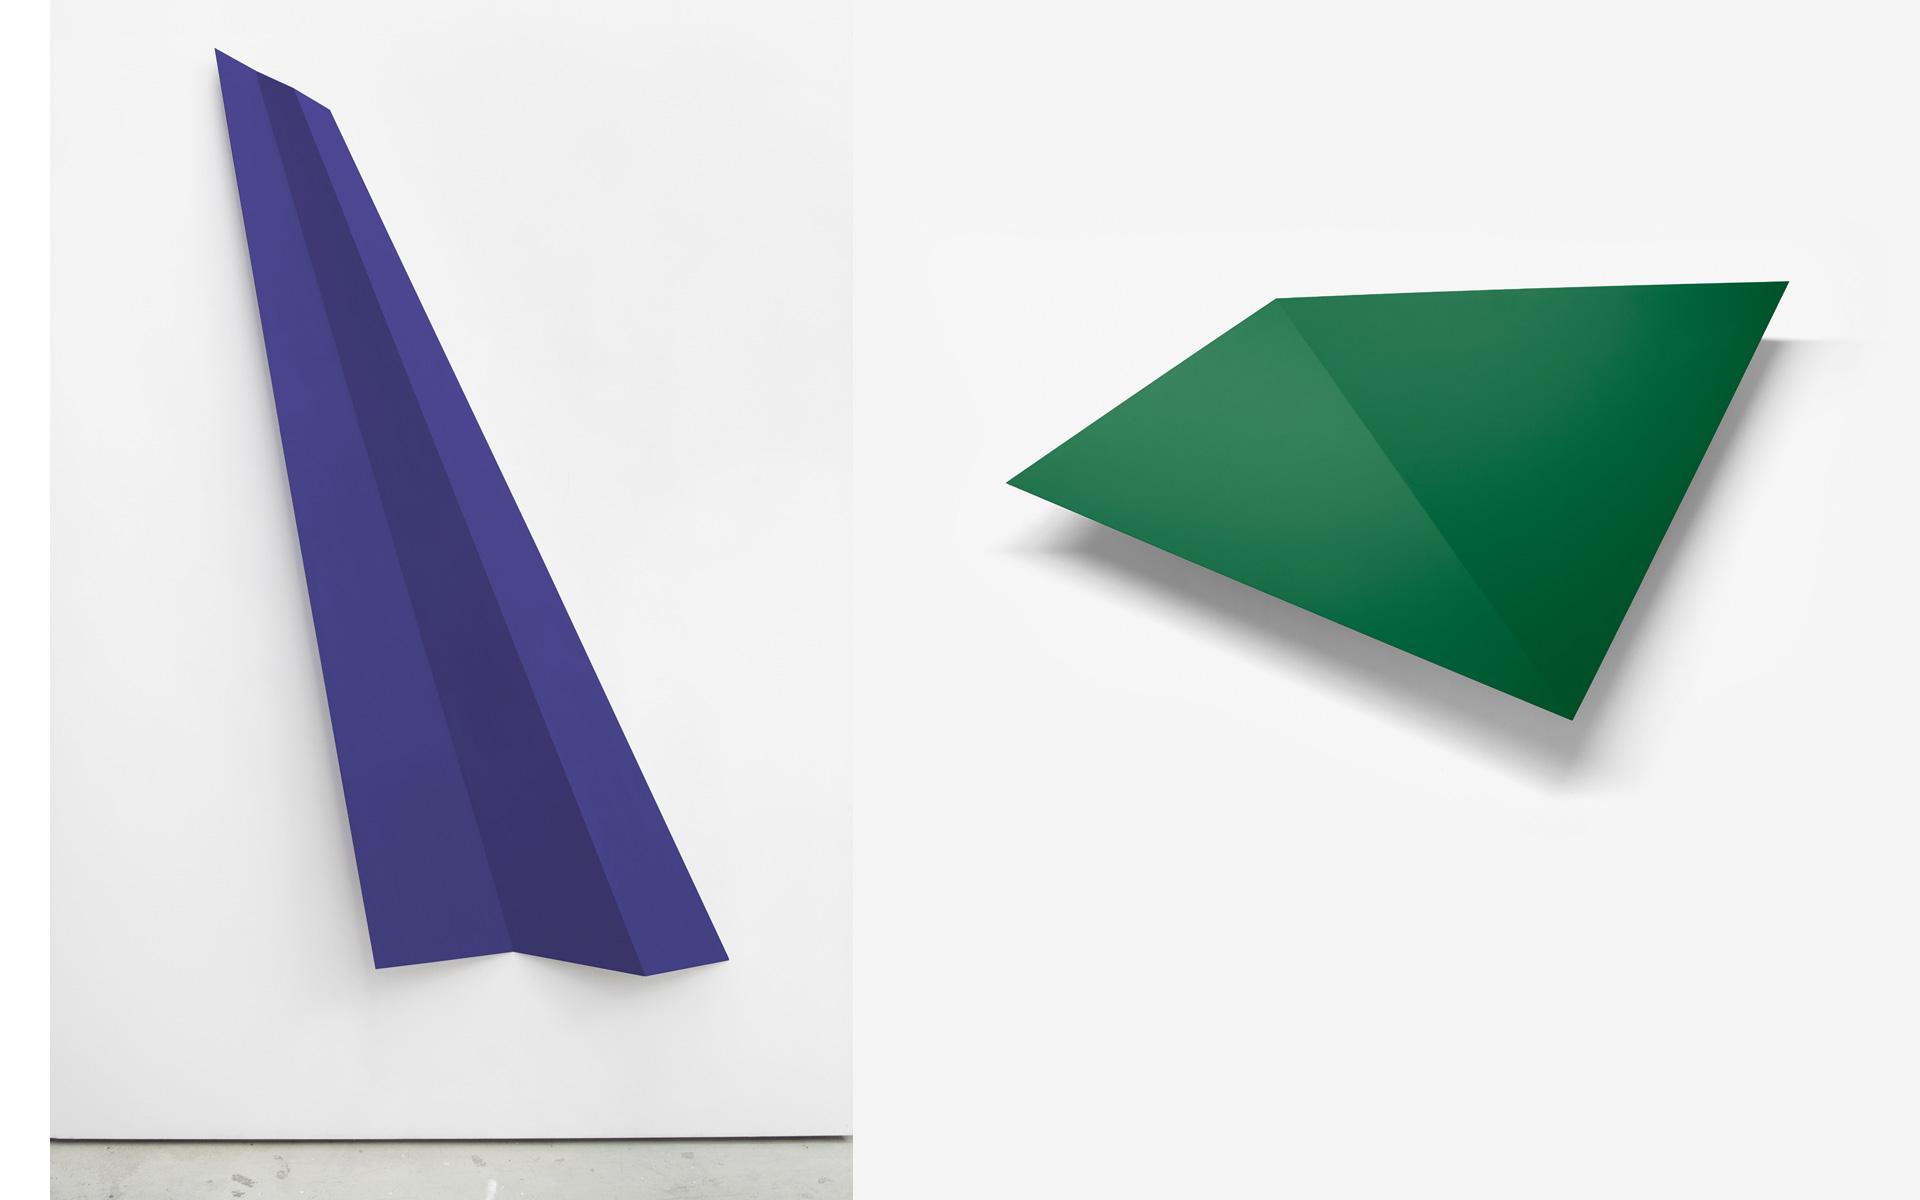 left: O. T., 1991 Acrylic on steel 221.5 × 127.5 × 16.5 cm / right: FALTUNG (grün), 1995 Acrylic on aluminum 124 × 176.5 × 15.5 cm - Photos: Christoph Valentien